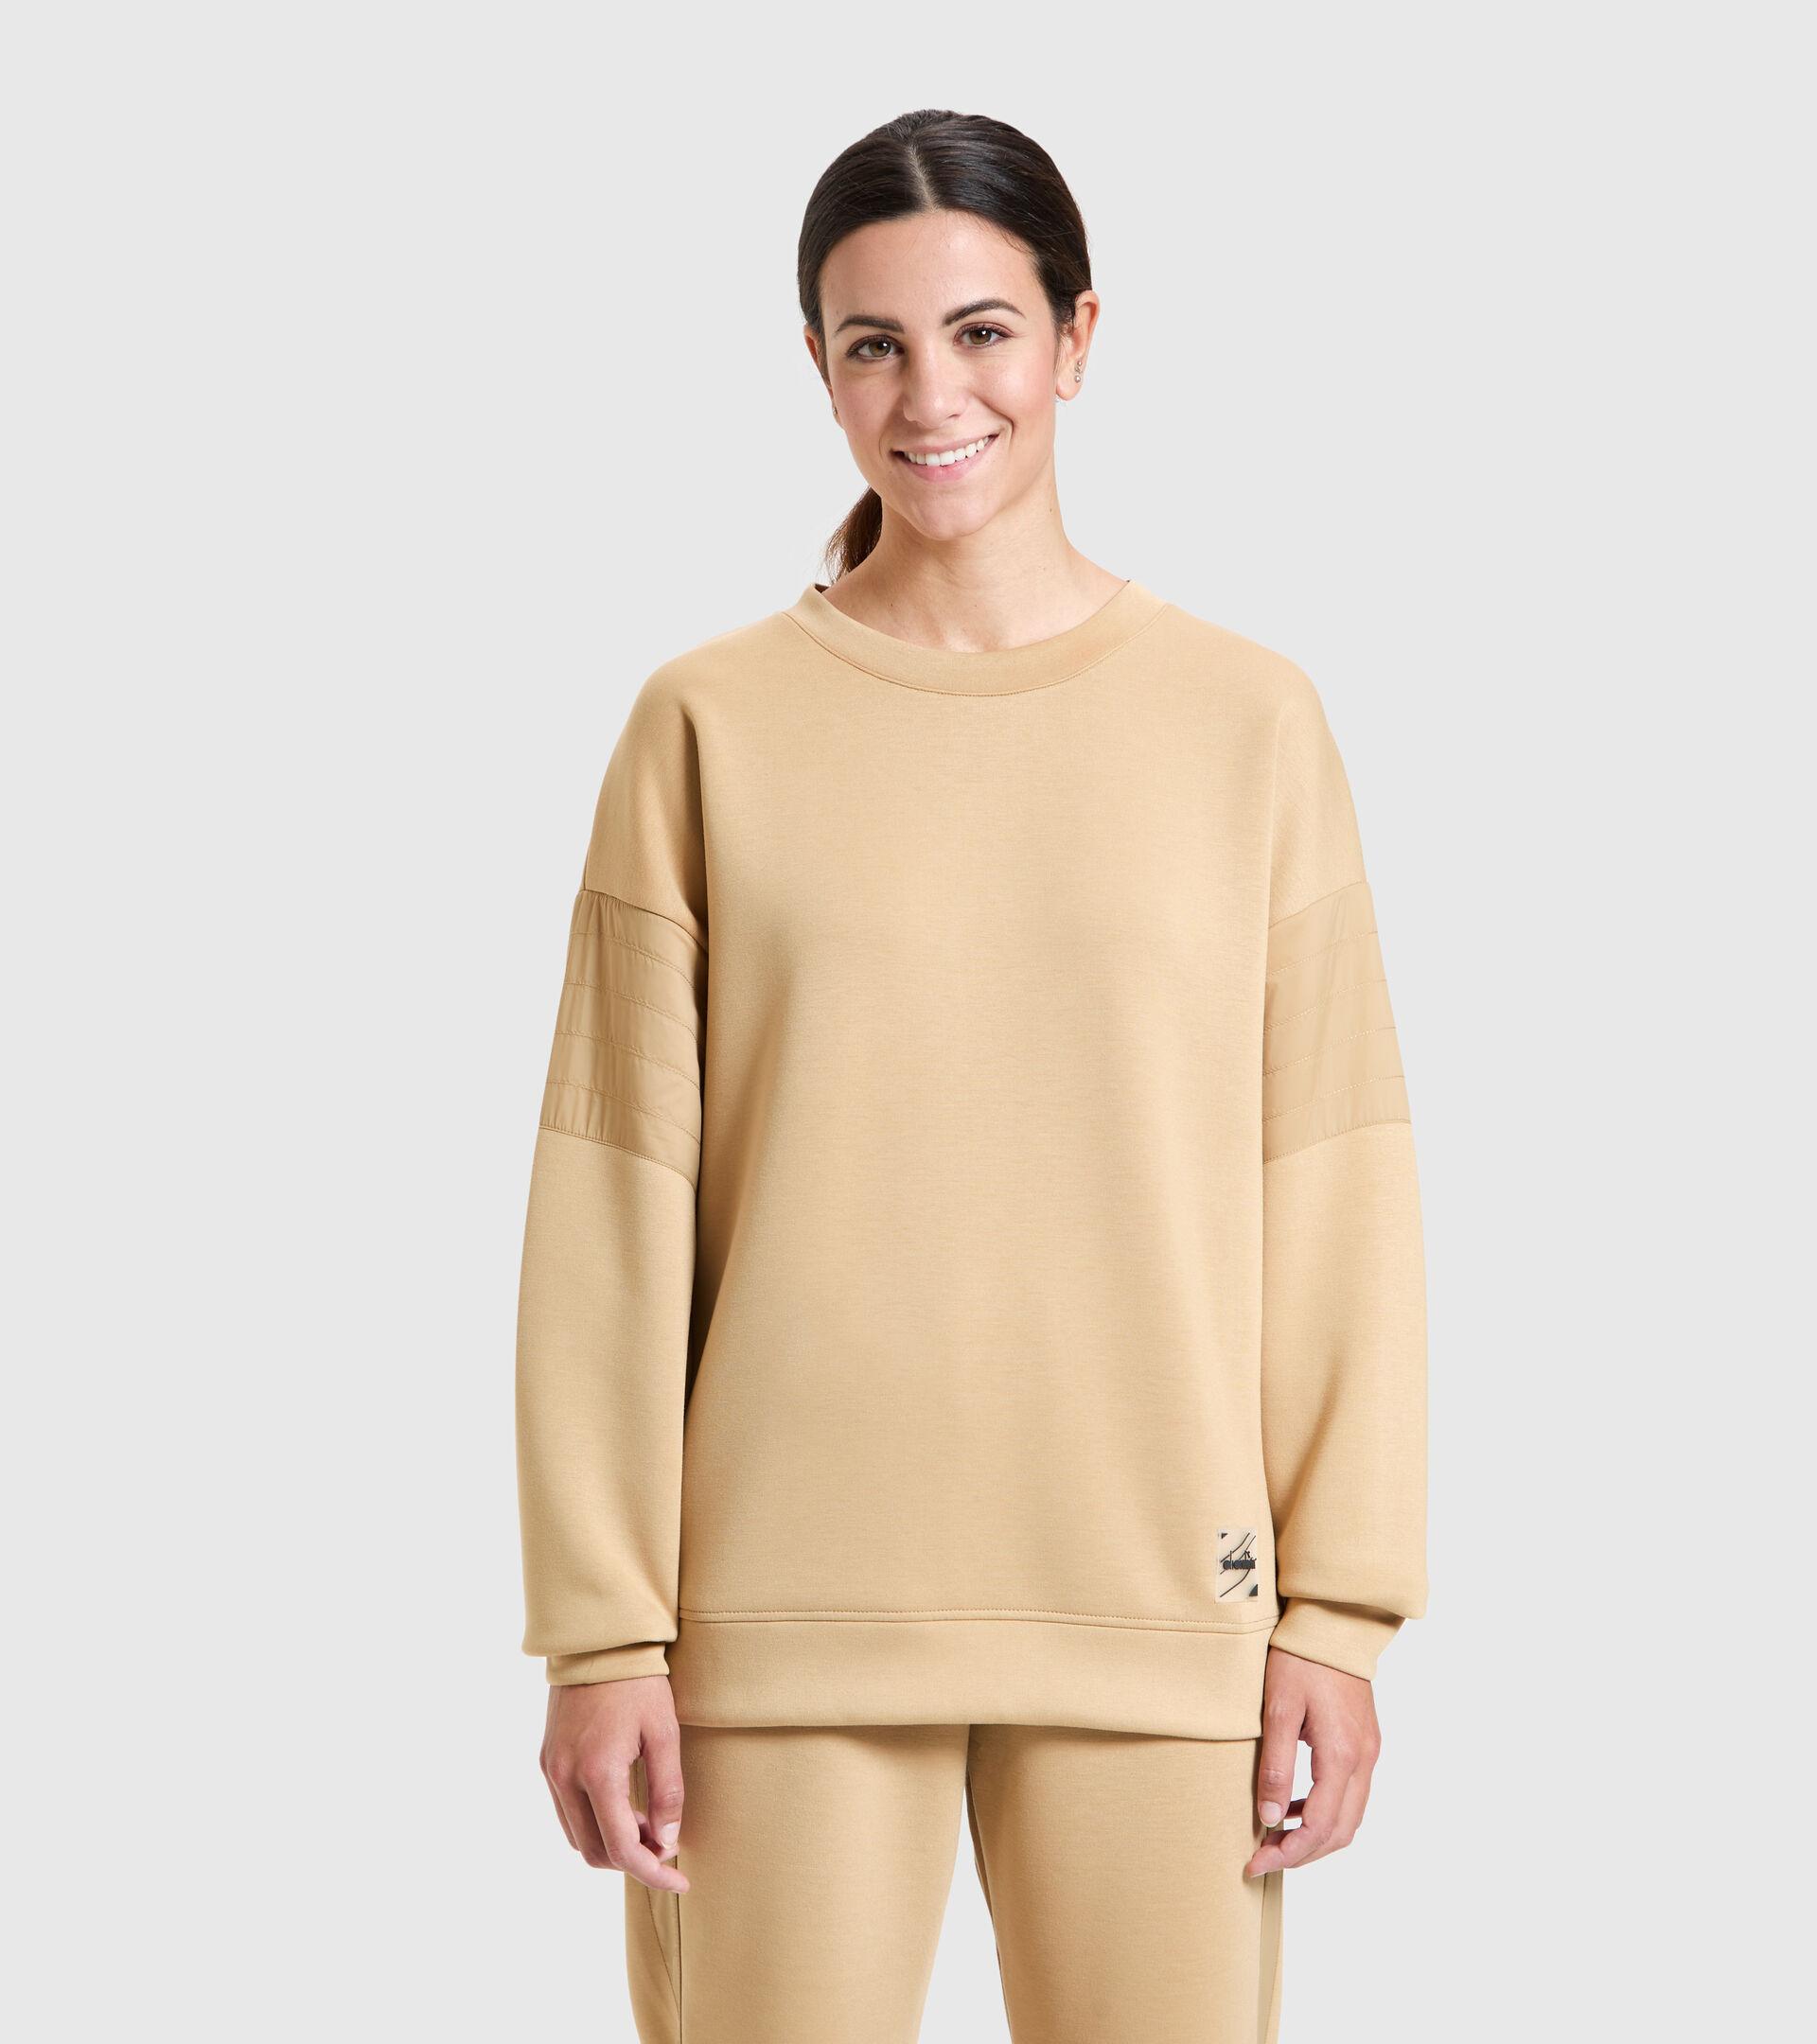 Sweater mit Rundhalsausschnitt - Damen L. SWEATSHIRT CREW URBANITY SEESTERN - Diadora